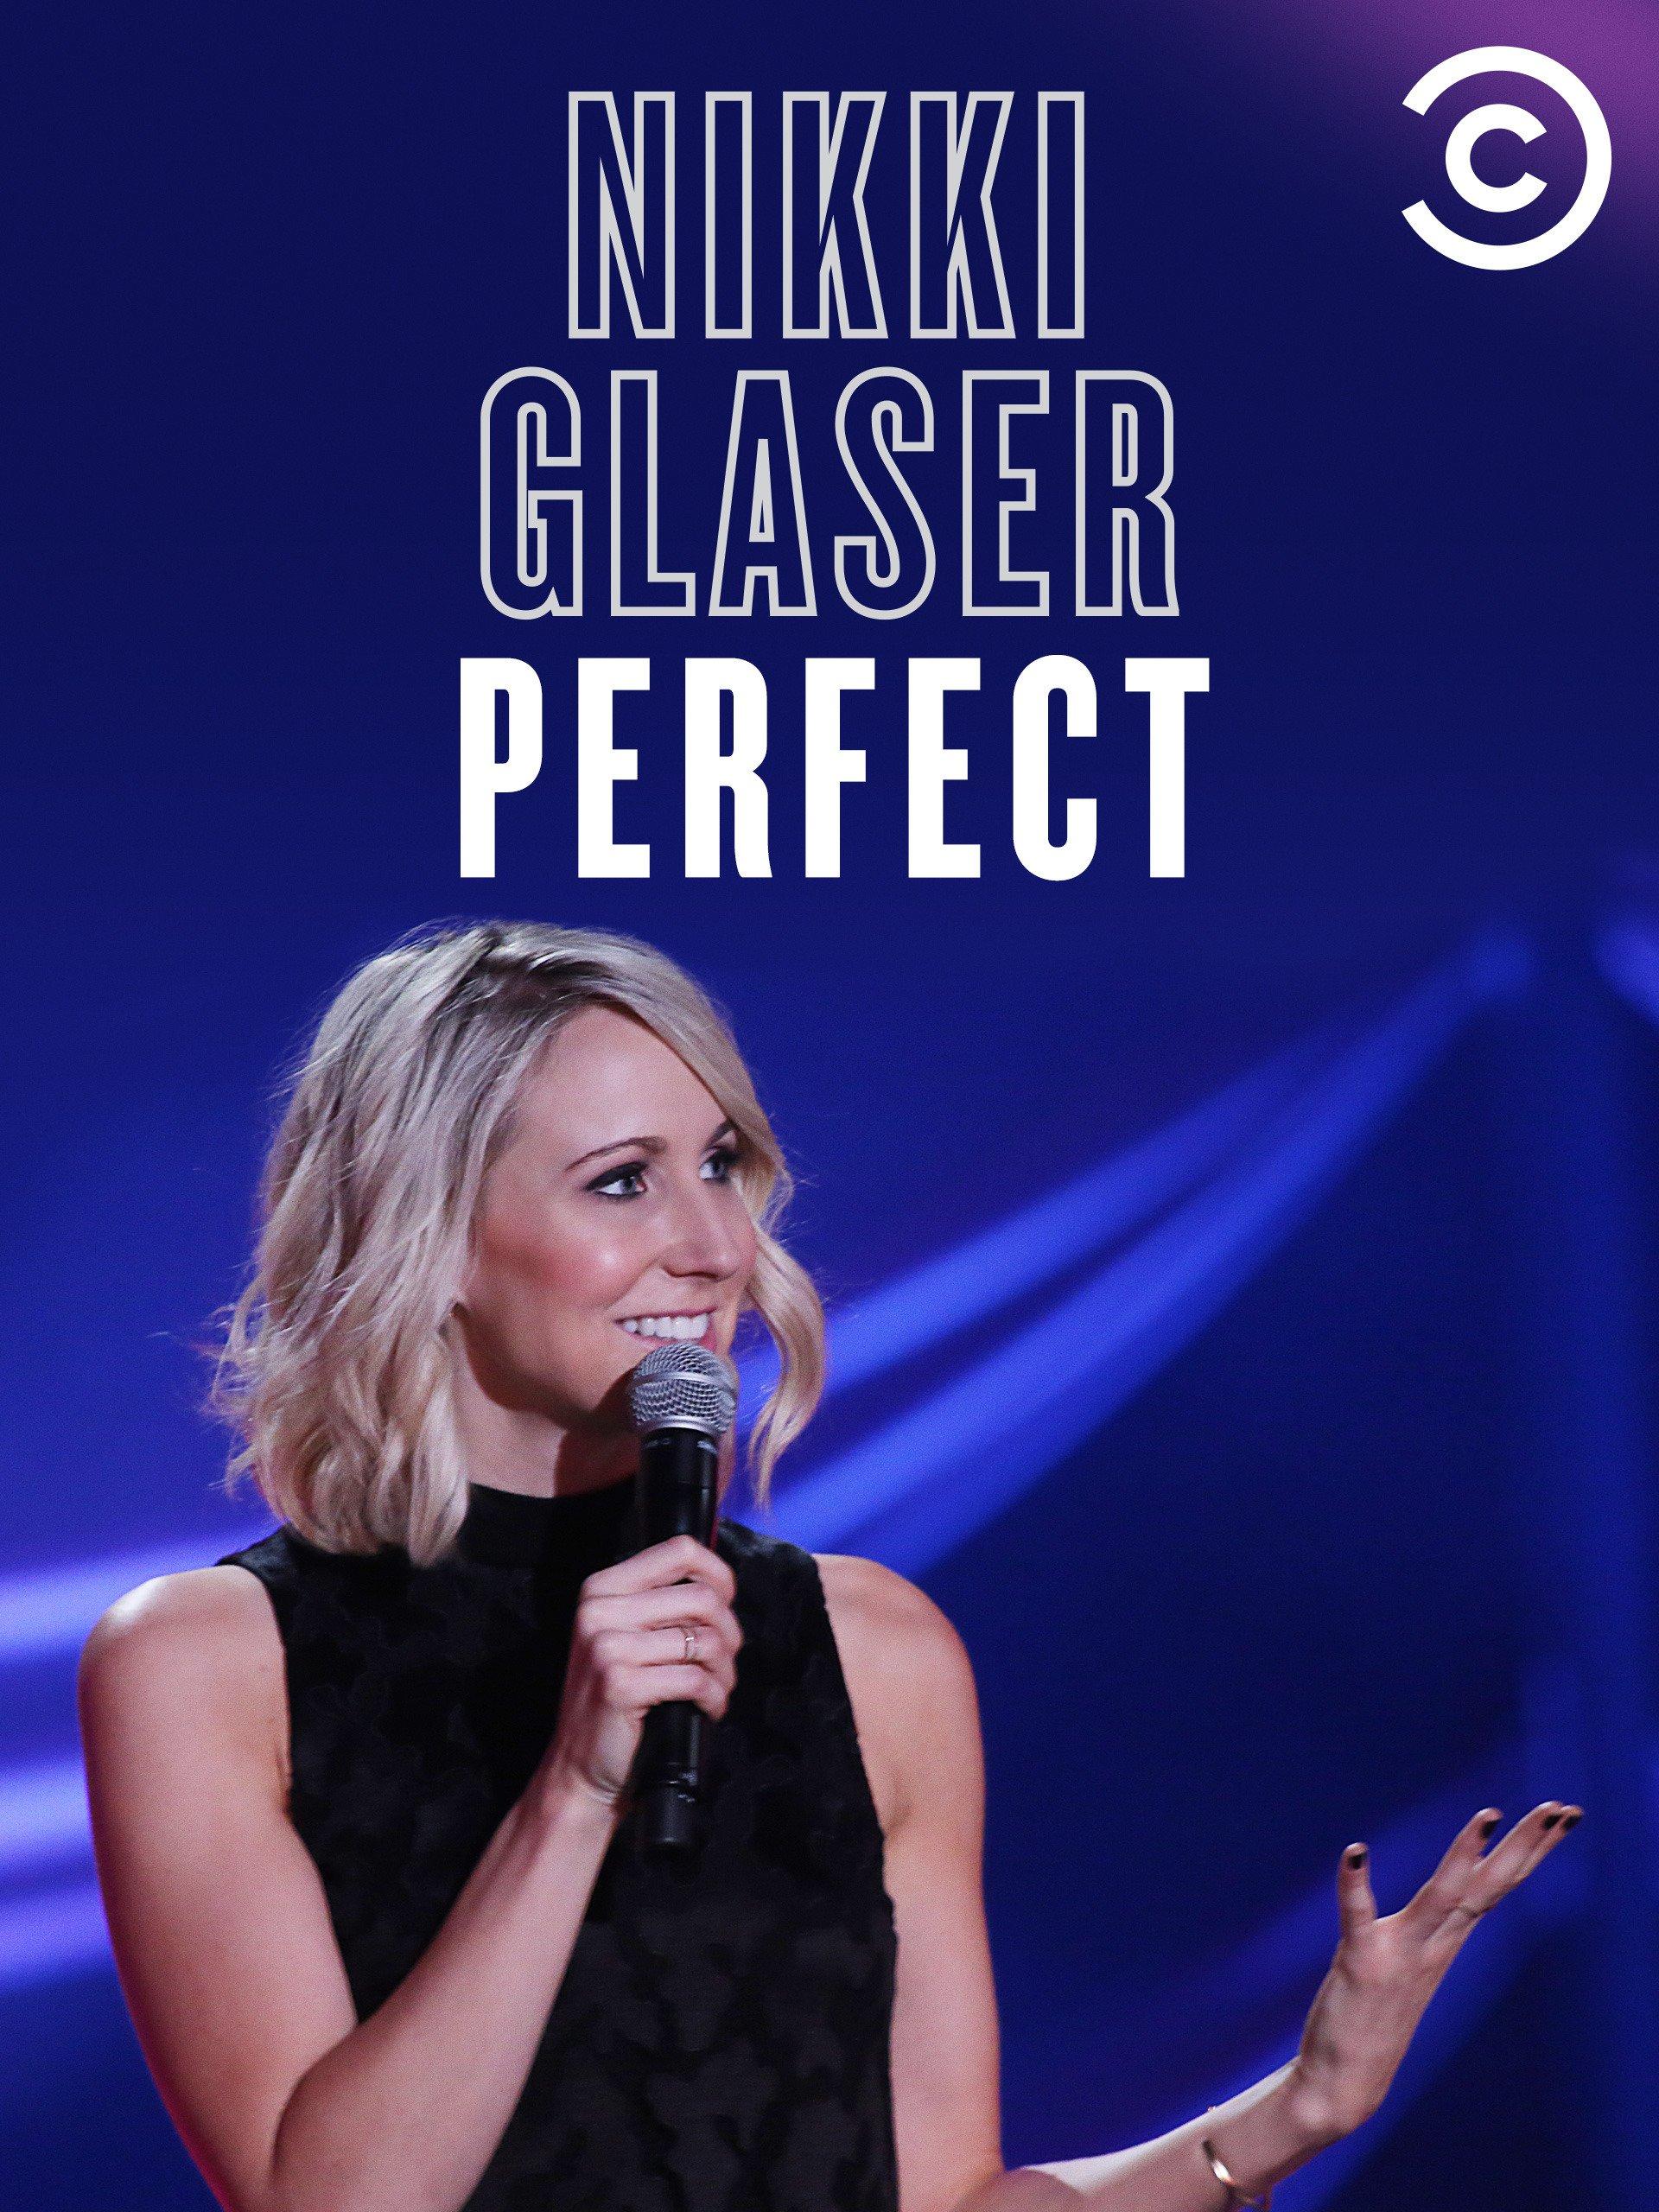 Amazon: Nikki Glaser: Perfect: Ryan Polito: Amazon Digital Services Llc